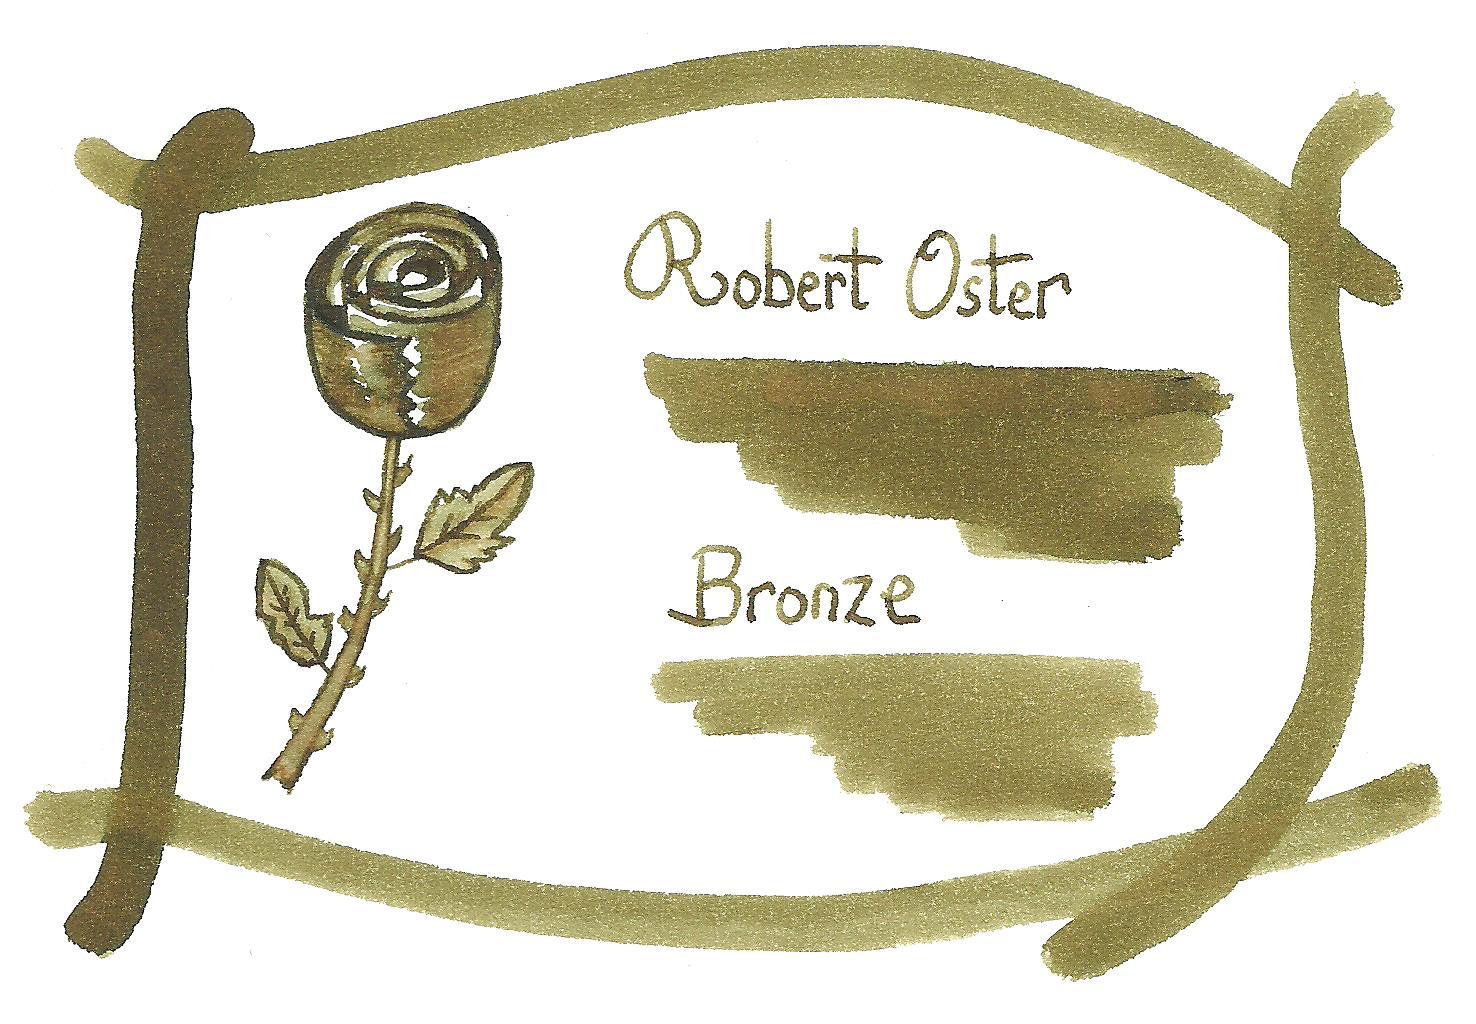 fpn_1509293134__robert_oster_-_bronze_-_